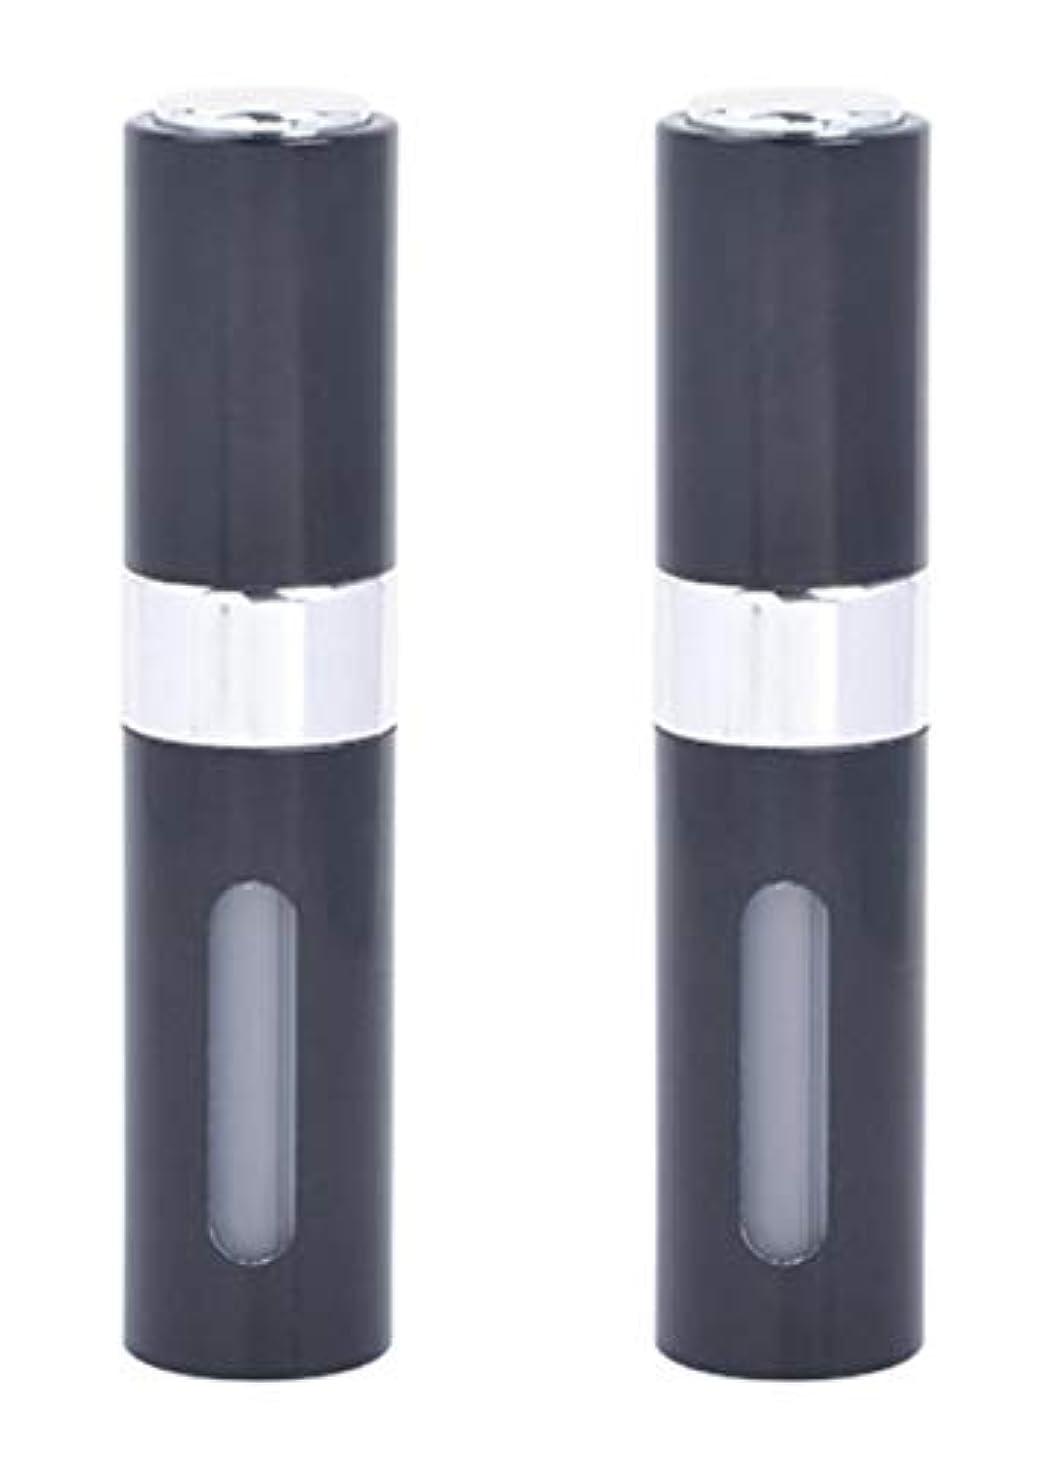 円形ヒステリック真空アクアミー ワンタッチ 補充 アトマイザー クイック 詰め替え 携帯 香水 スプレー 8ml (2個組, ブラック)